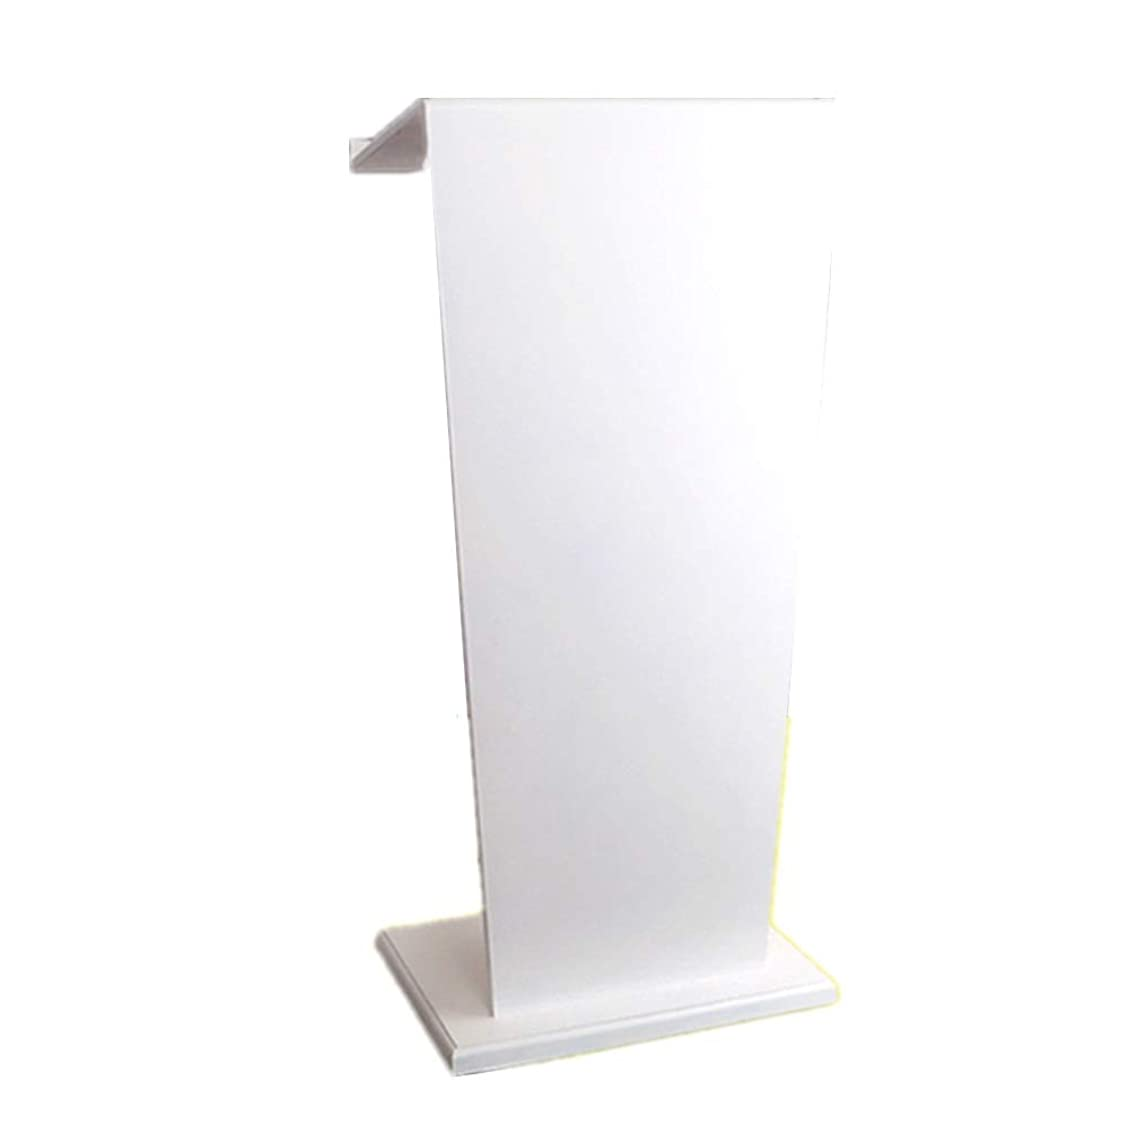 無許可ブラジャー規範エレガントな表彰台 木製書見台表彰台ホスティングレセプションデスク書見台表彰台卓上プレゼンテーション表彰台 安定していて実用的 (色 : 白, Size : As picture)